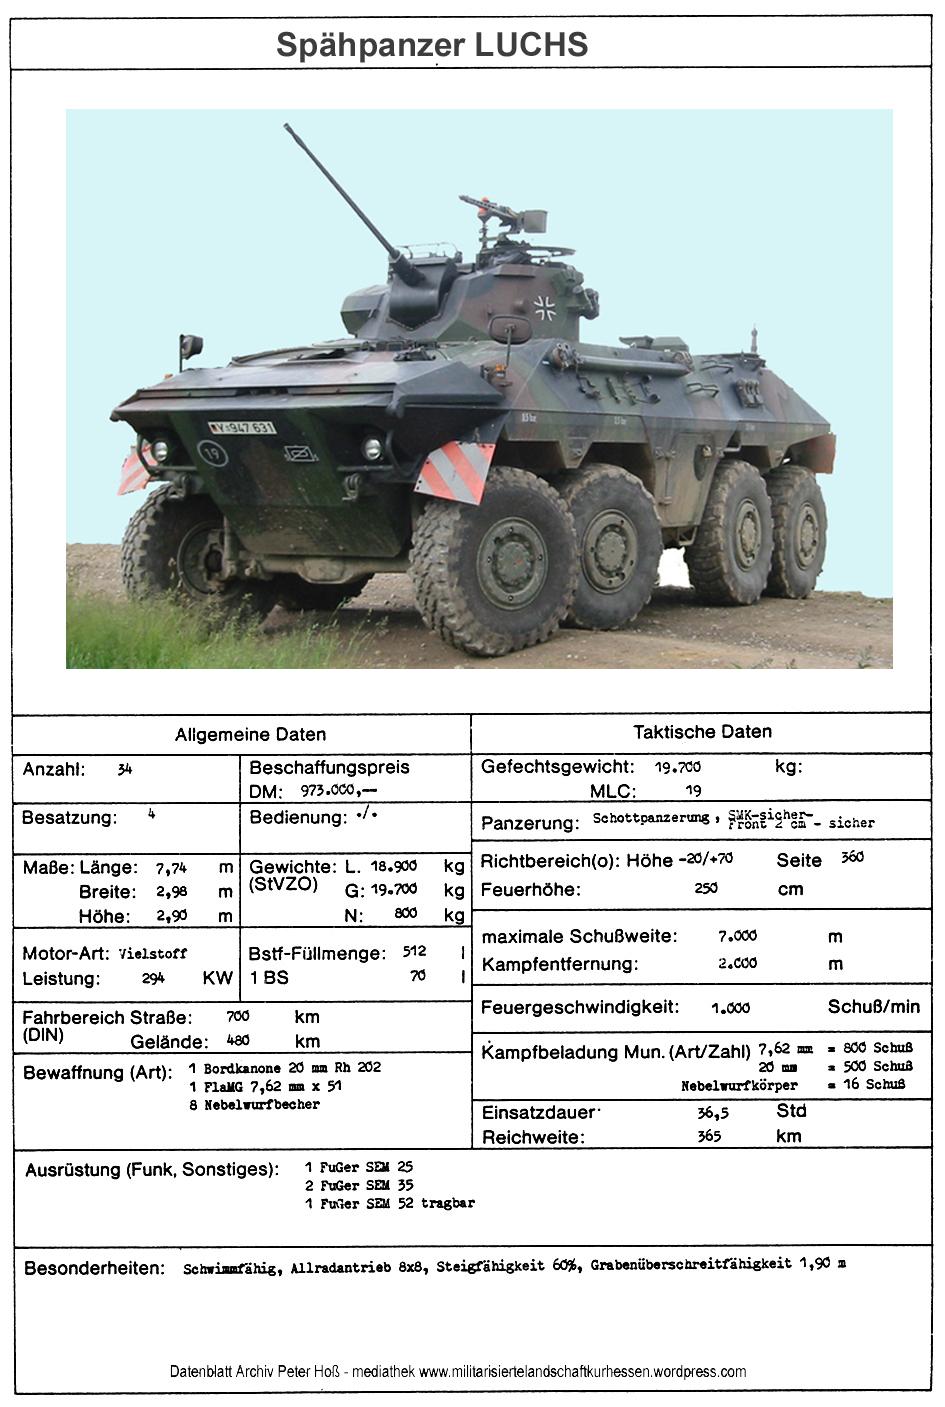 Datenblatt Spähpanzer LUCHS